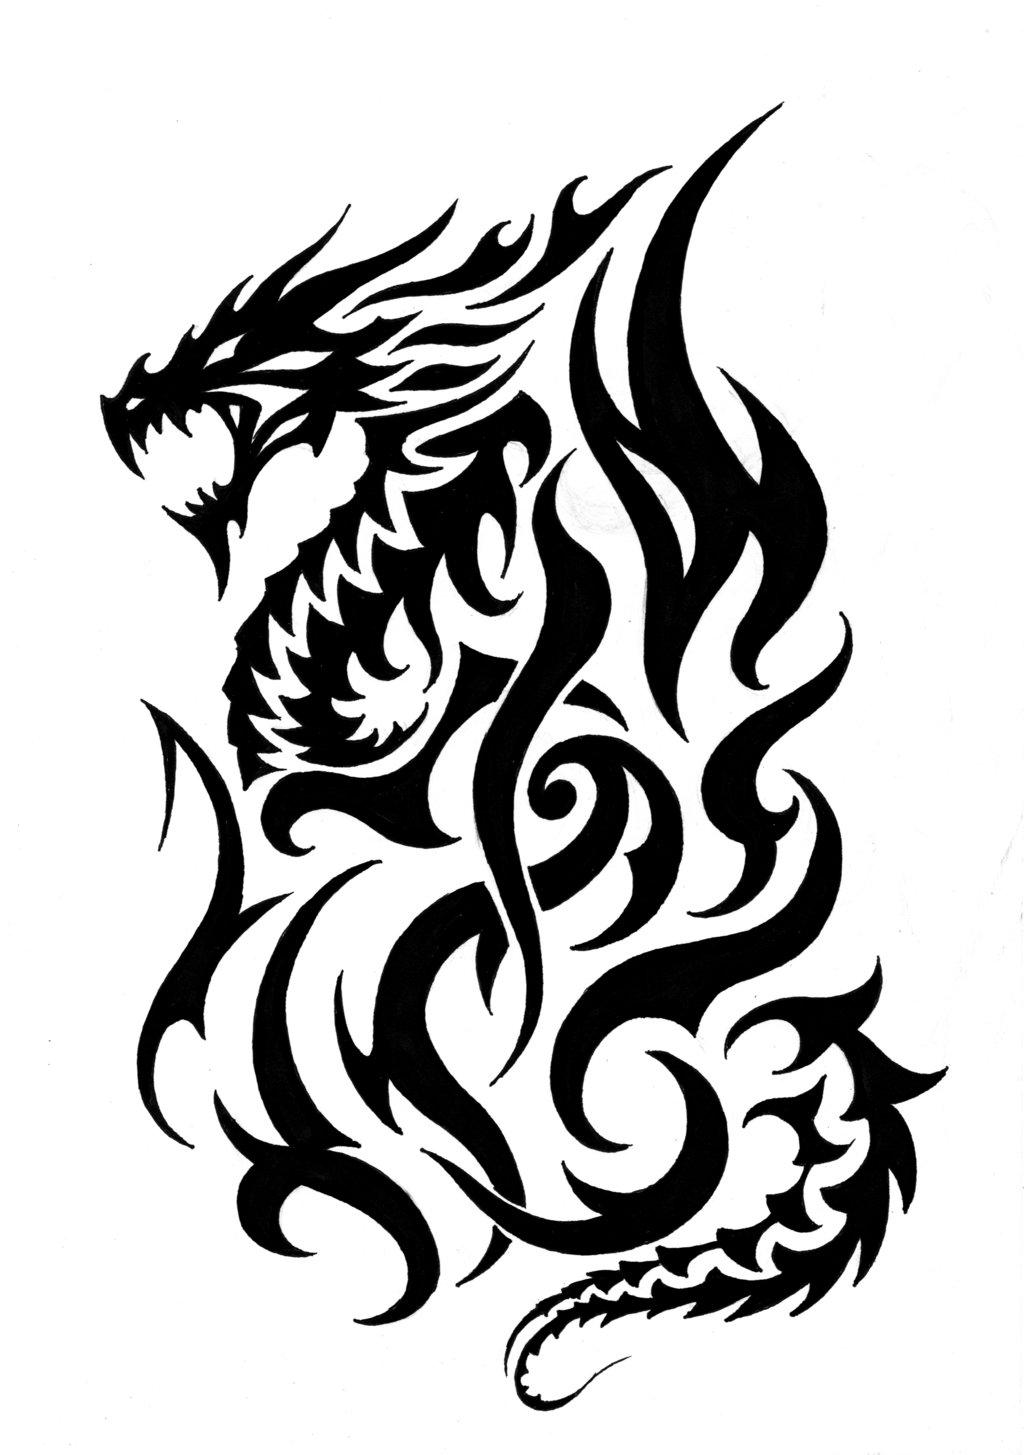 Flames Tattoo Art